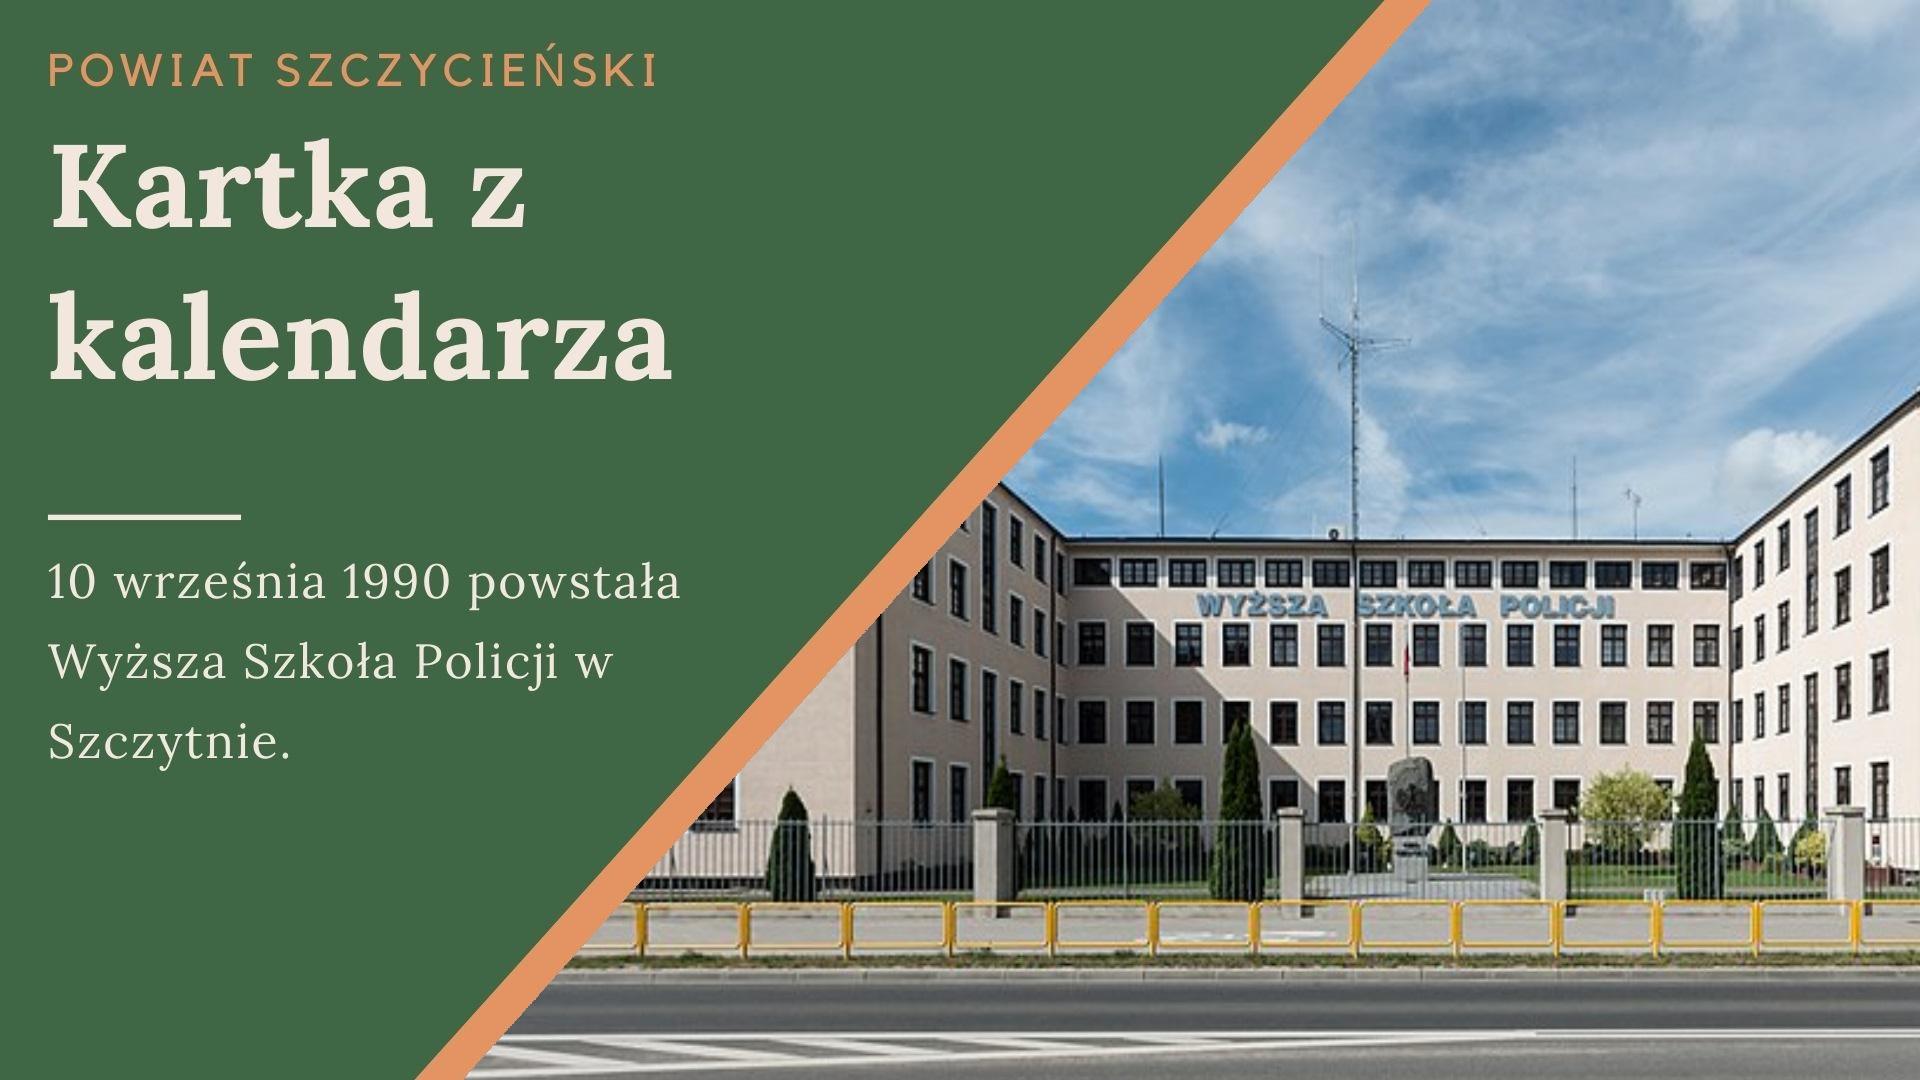 https://m.powiatszczycienski.pl/2020/11/orig/kalendarz-historyczny-11-35886.jpg